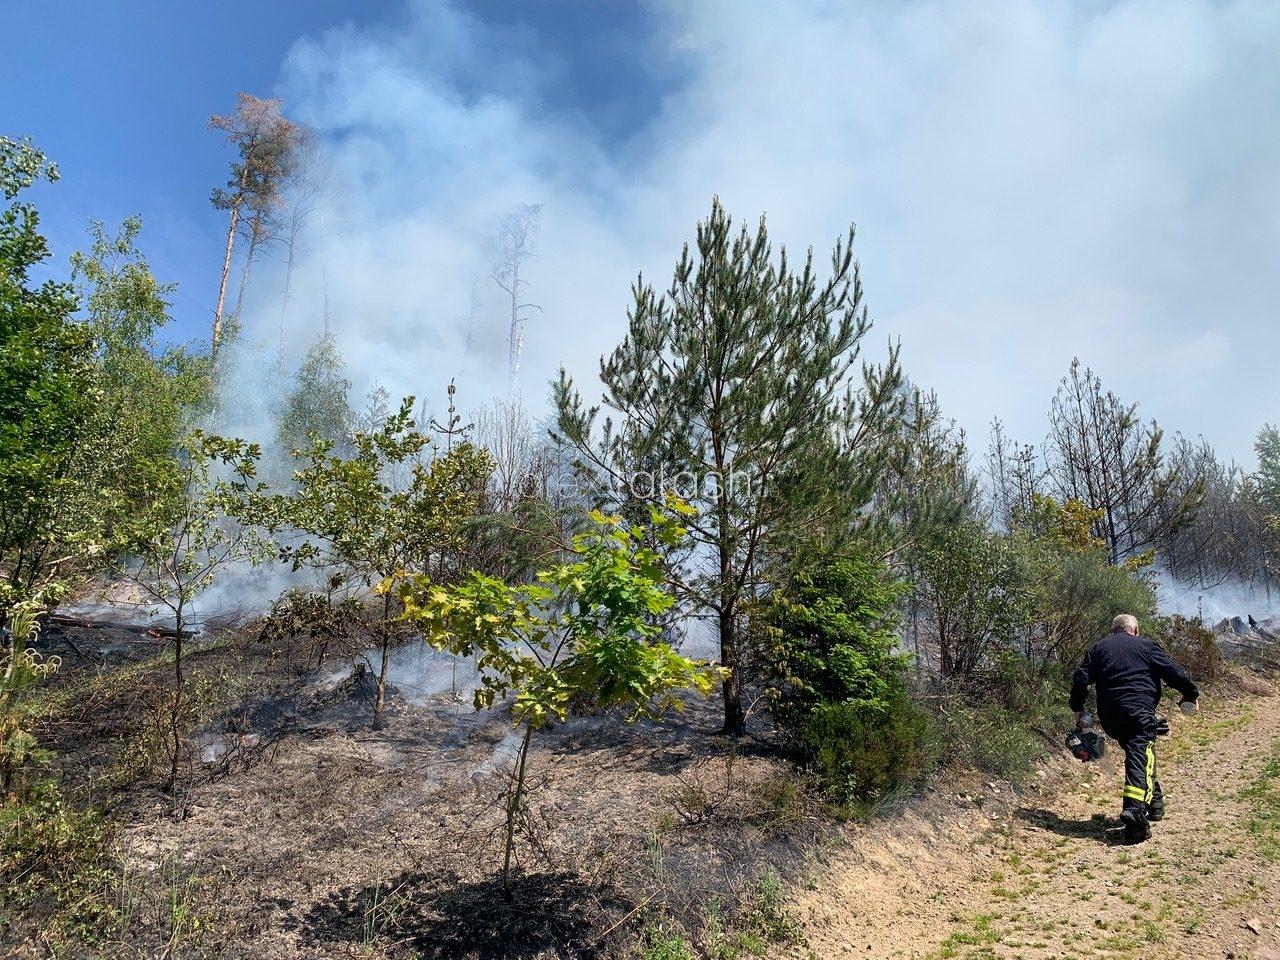 Großeinsatz bei einem Waldbrand in Hagen – 160 Einsatzkräfte im Einsatz